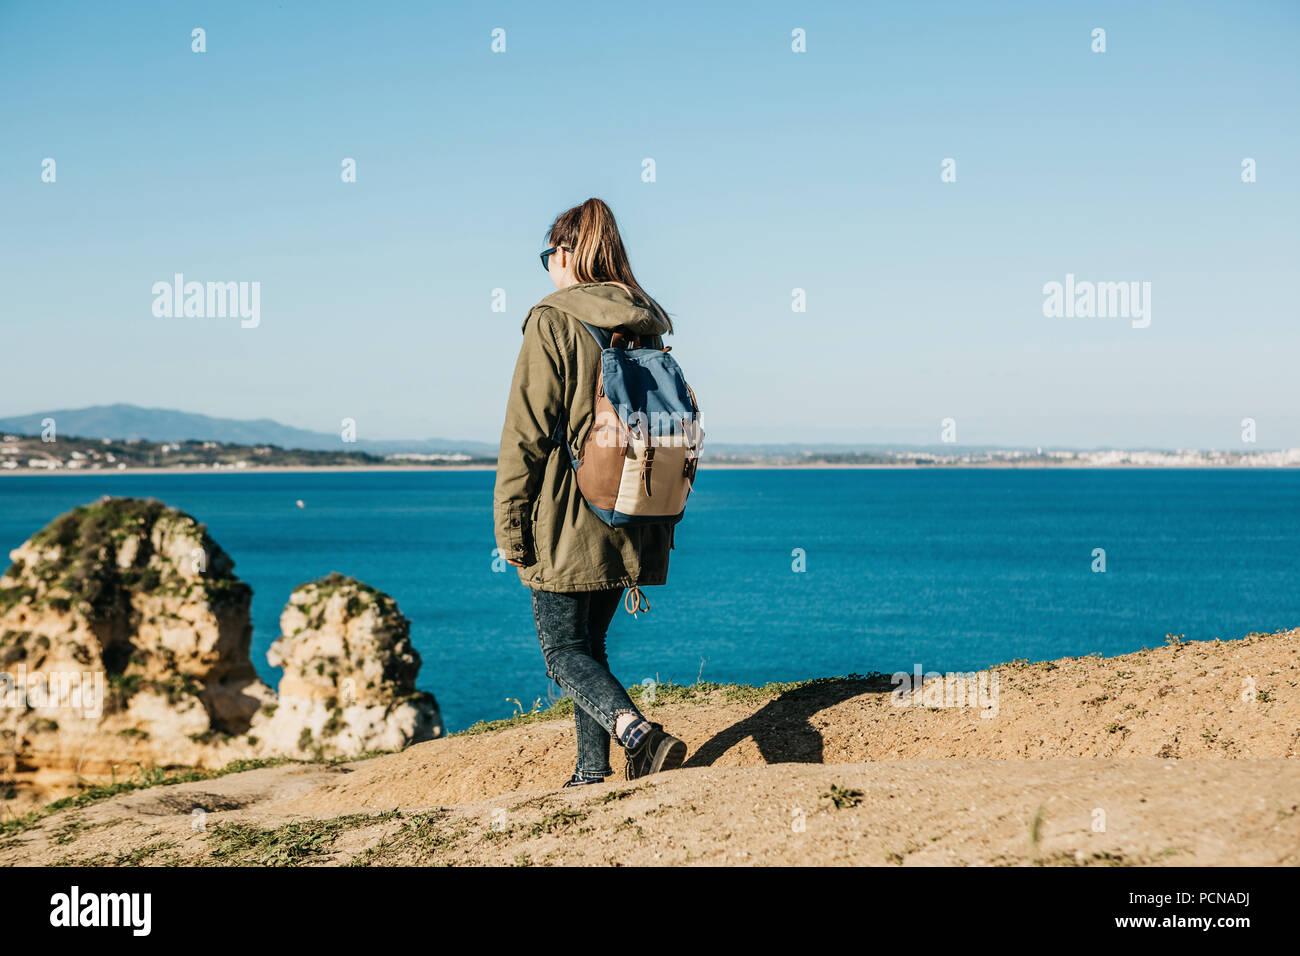 Un touriste ou voyageur fille avec un sac à dos d'agréables promenades le long de la côte rocheuse et admire la vue magnifique sur l'océan Atlantique au Portugal Photo Stock